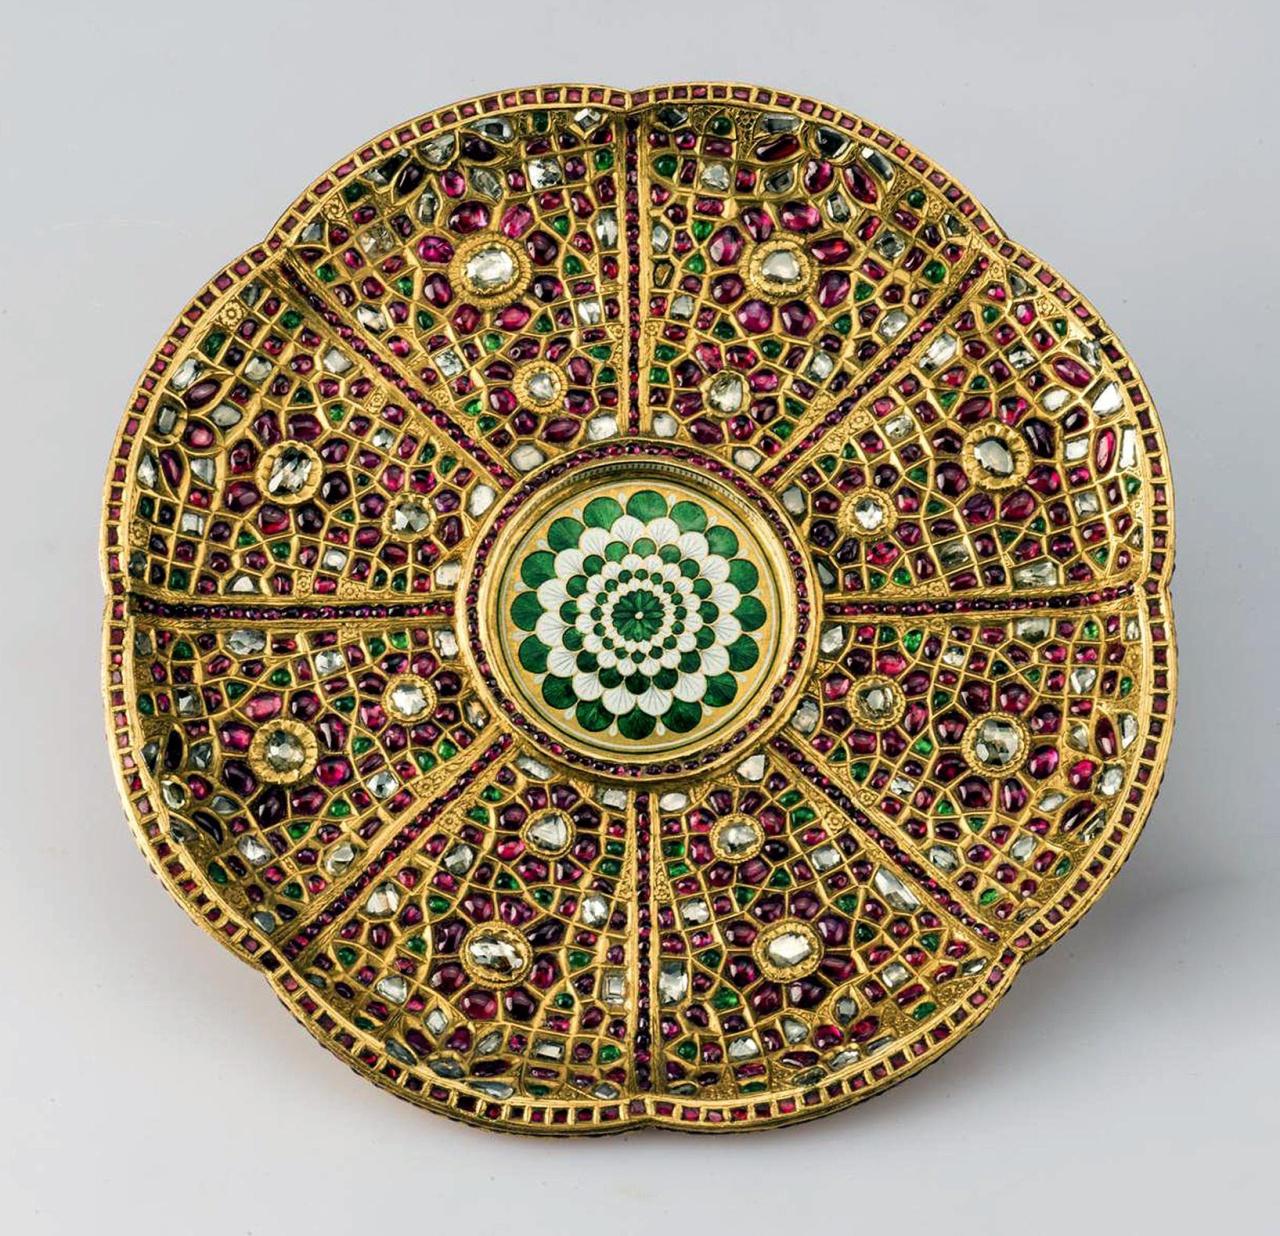 Золотая тарелка из 8 лепестков в Золотой кладовой Эрмитжа